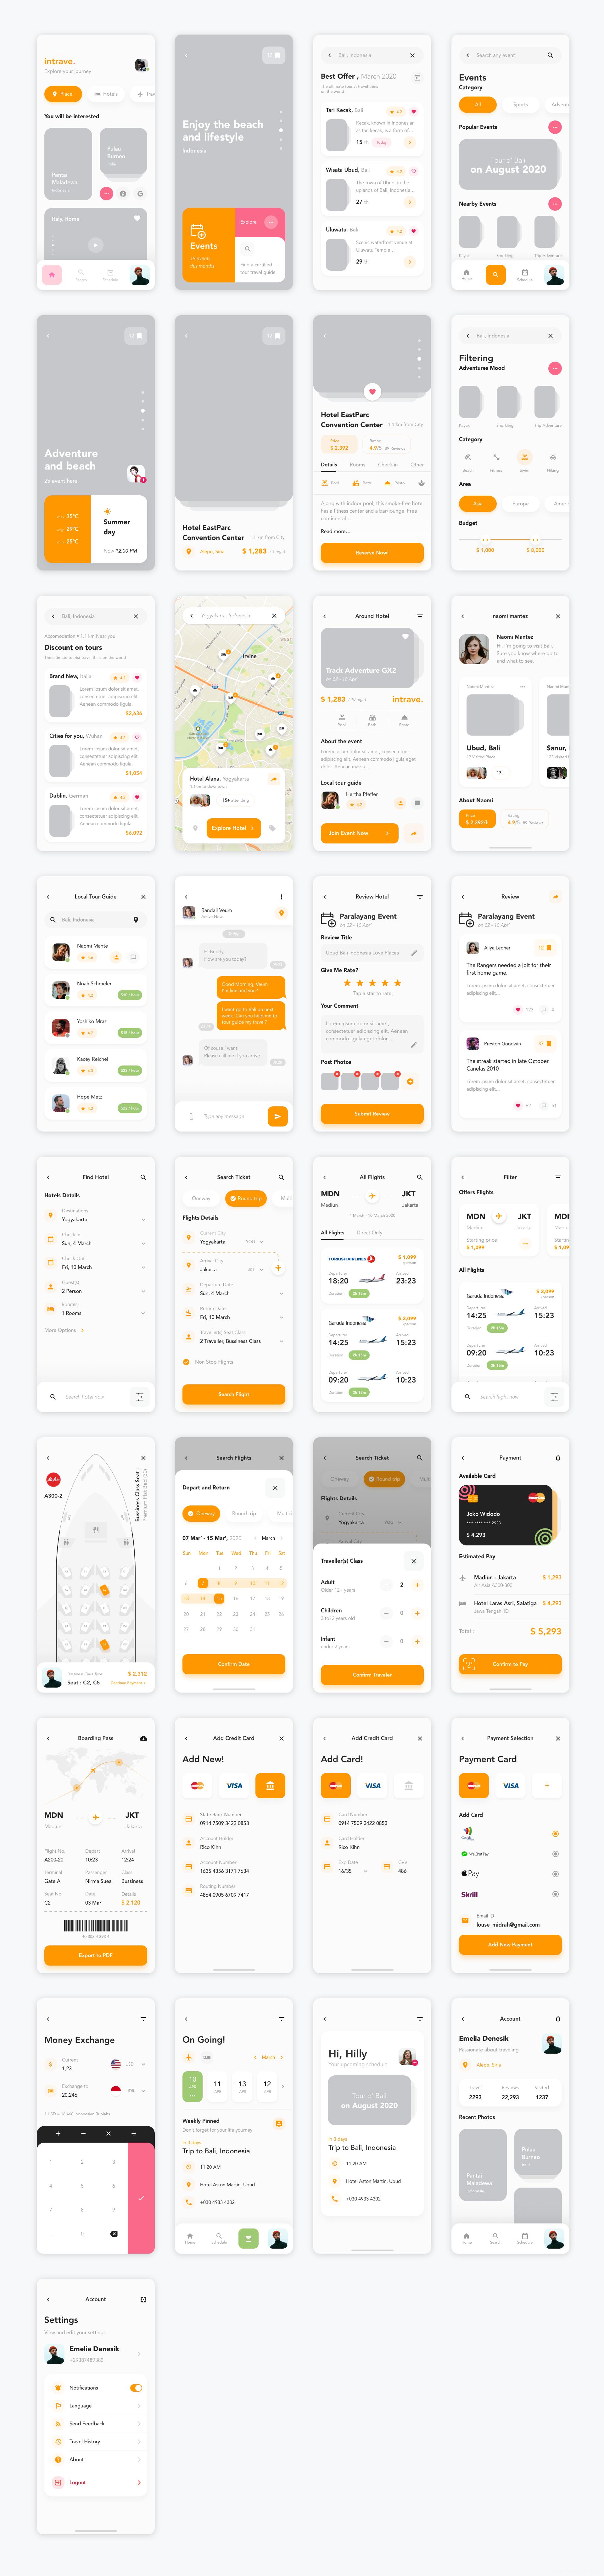 旅游app UI源文件下载,机票预定APP UI资源下载,旅游、酒店预定APP UI素材下载,订票app sketch源文件figma源文件